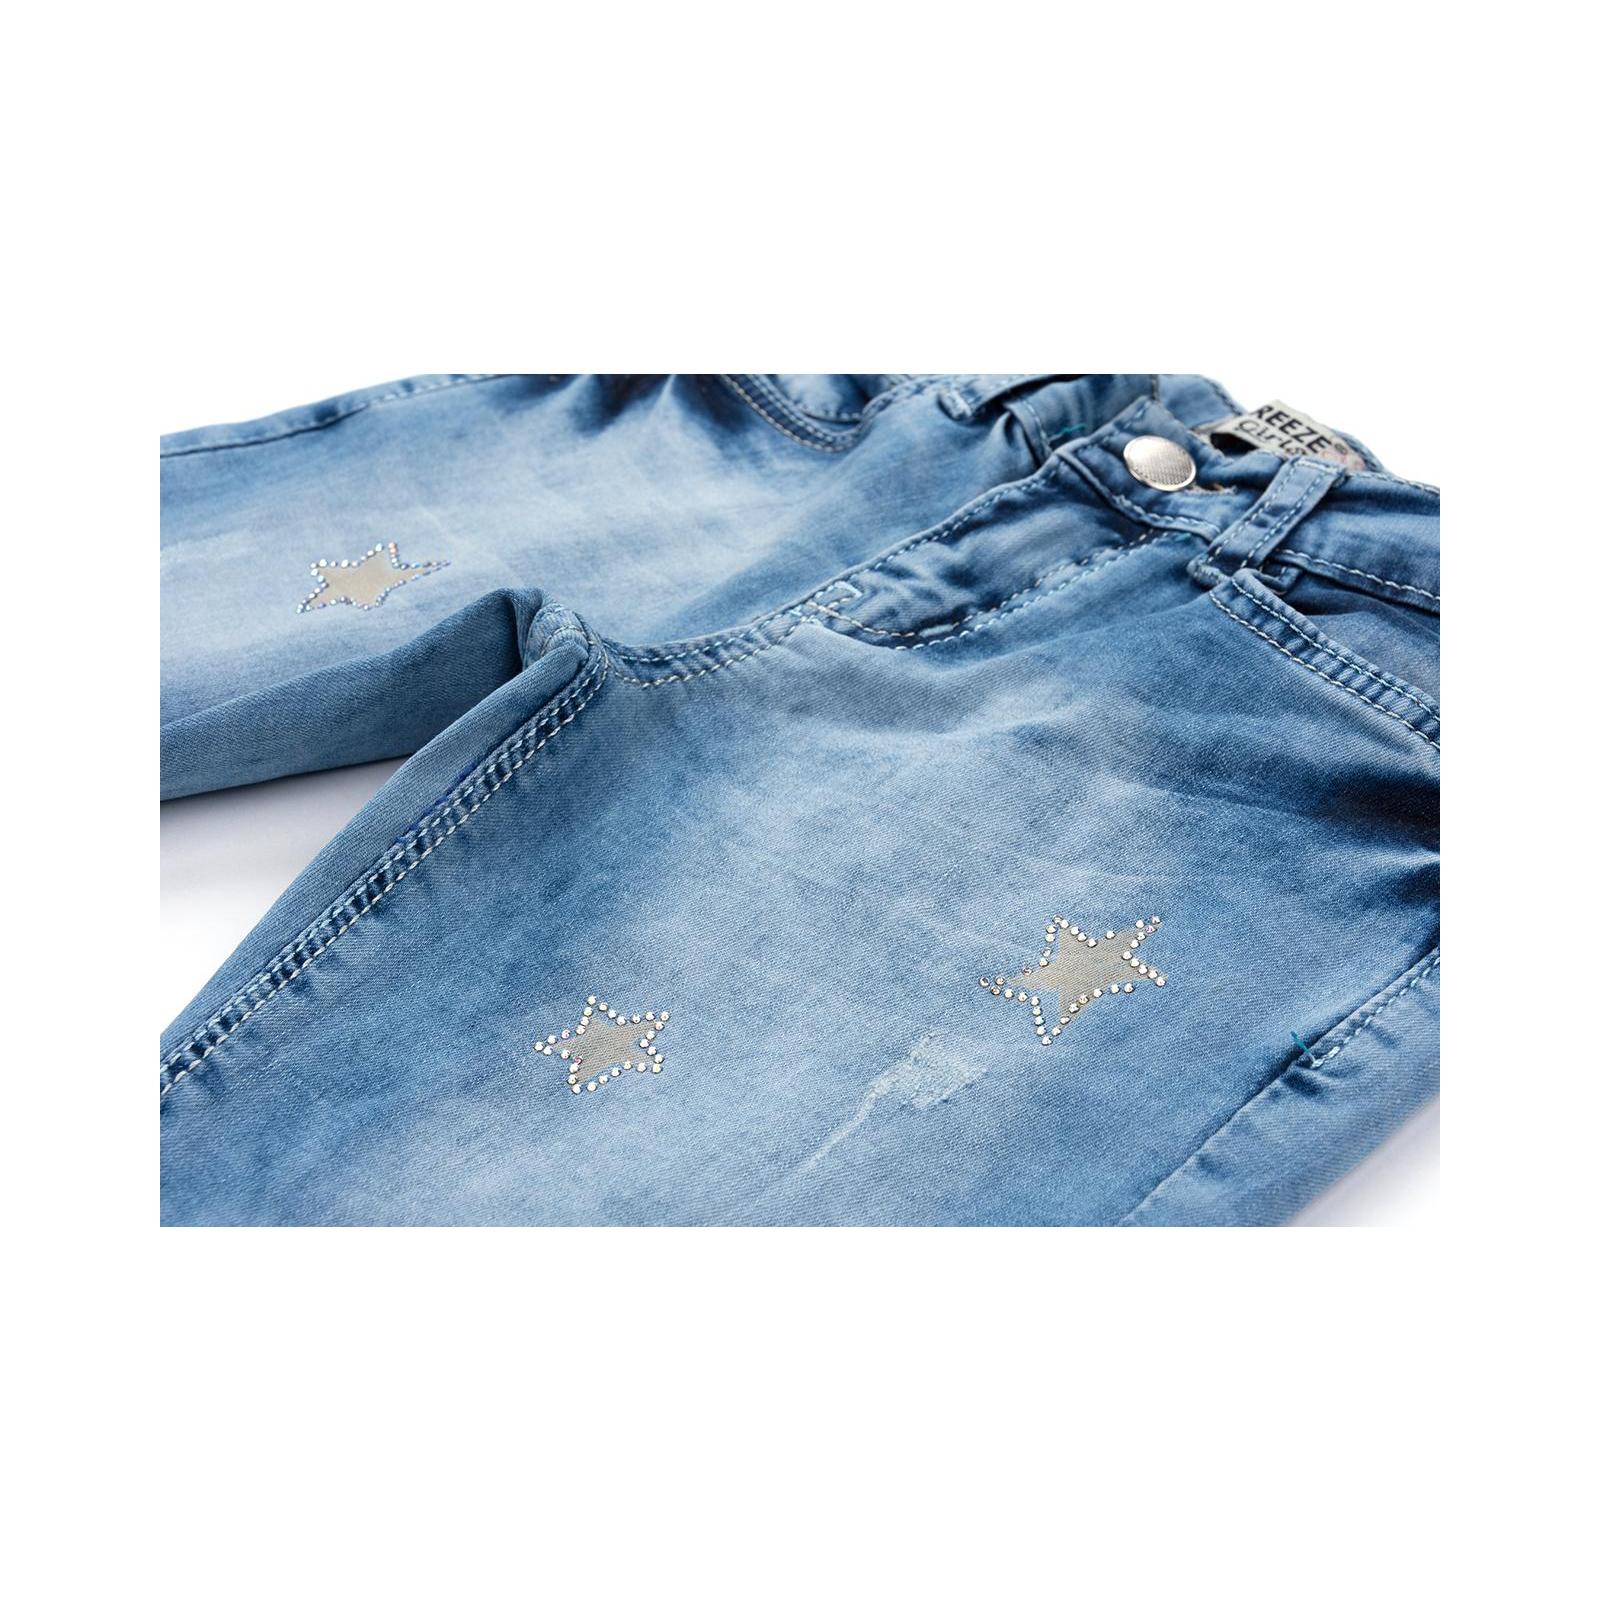 Джинсы Breeze со звездочками (20109-116G-blue) изображение 5